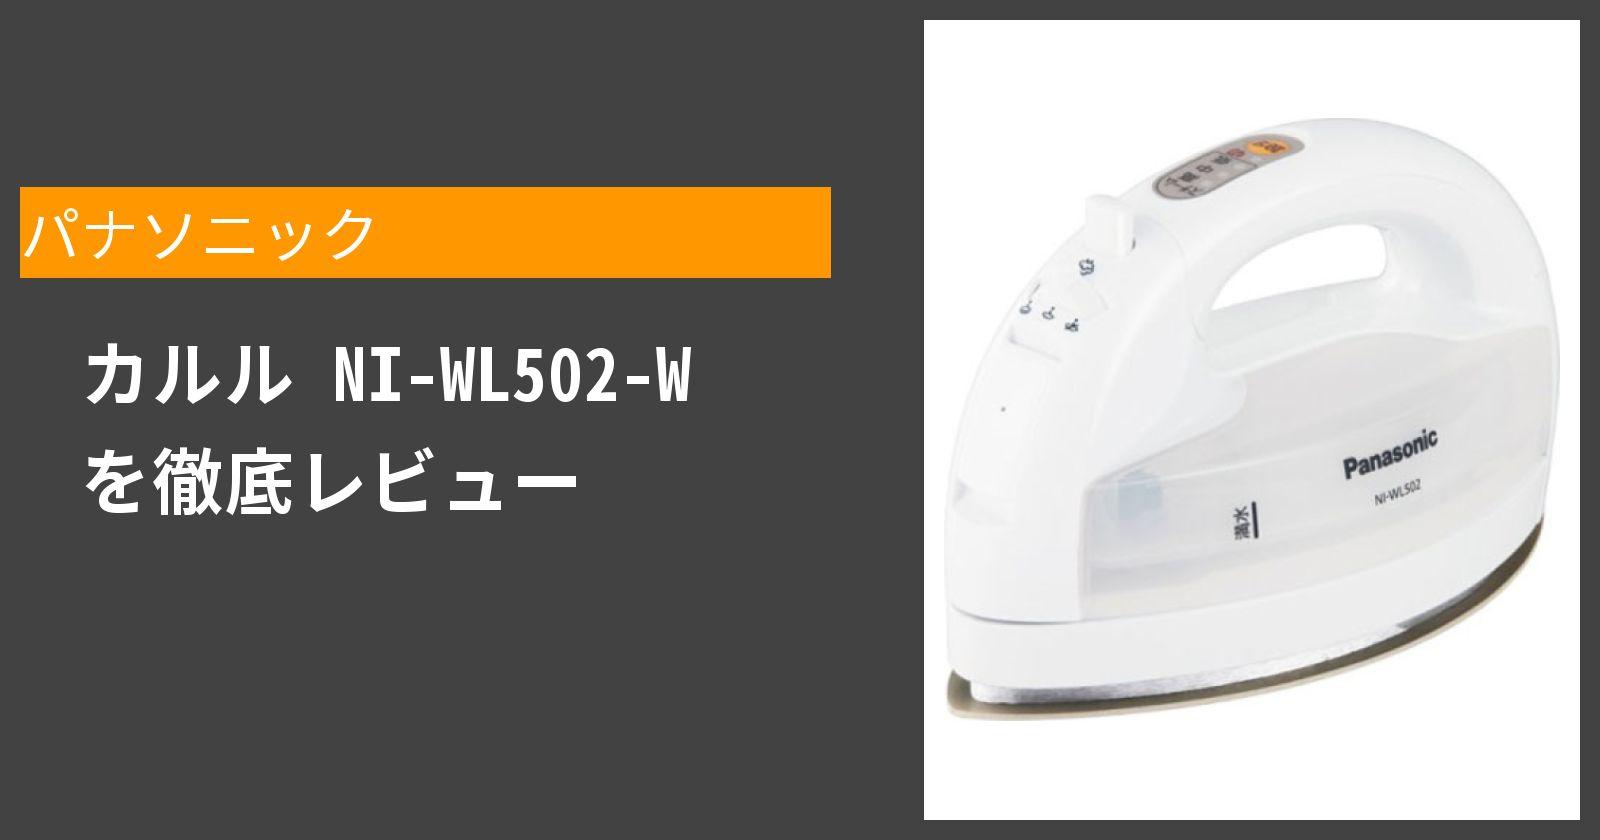 カルル NI-WL502-Wを徹底評価